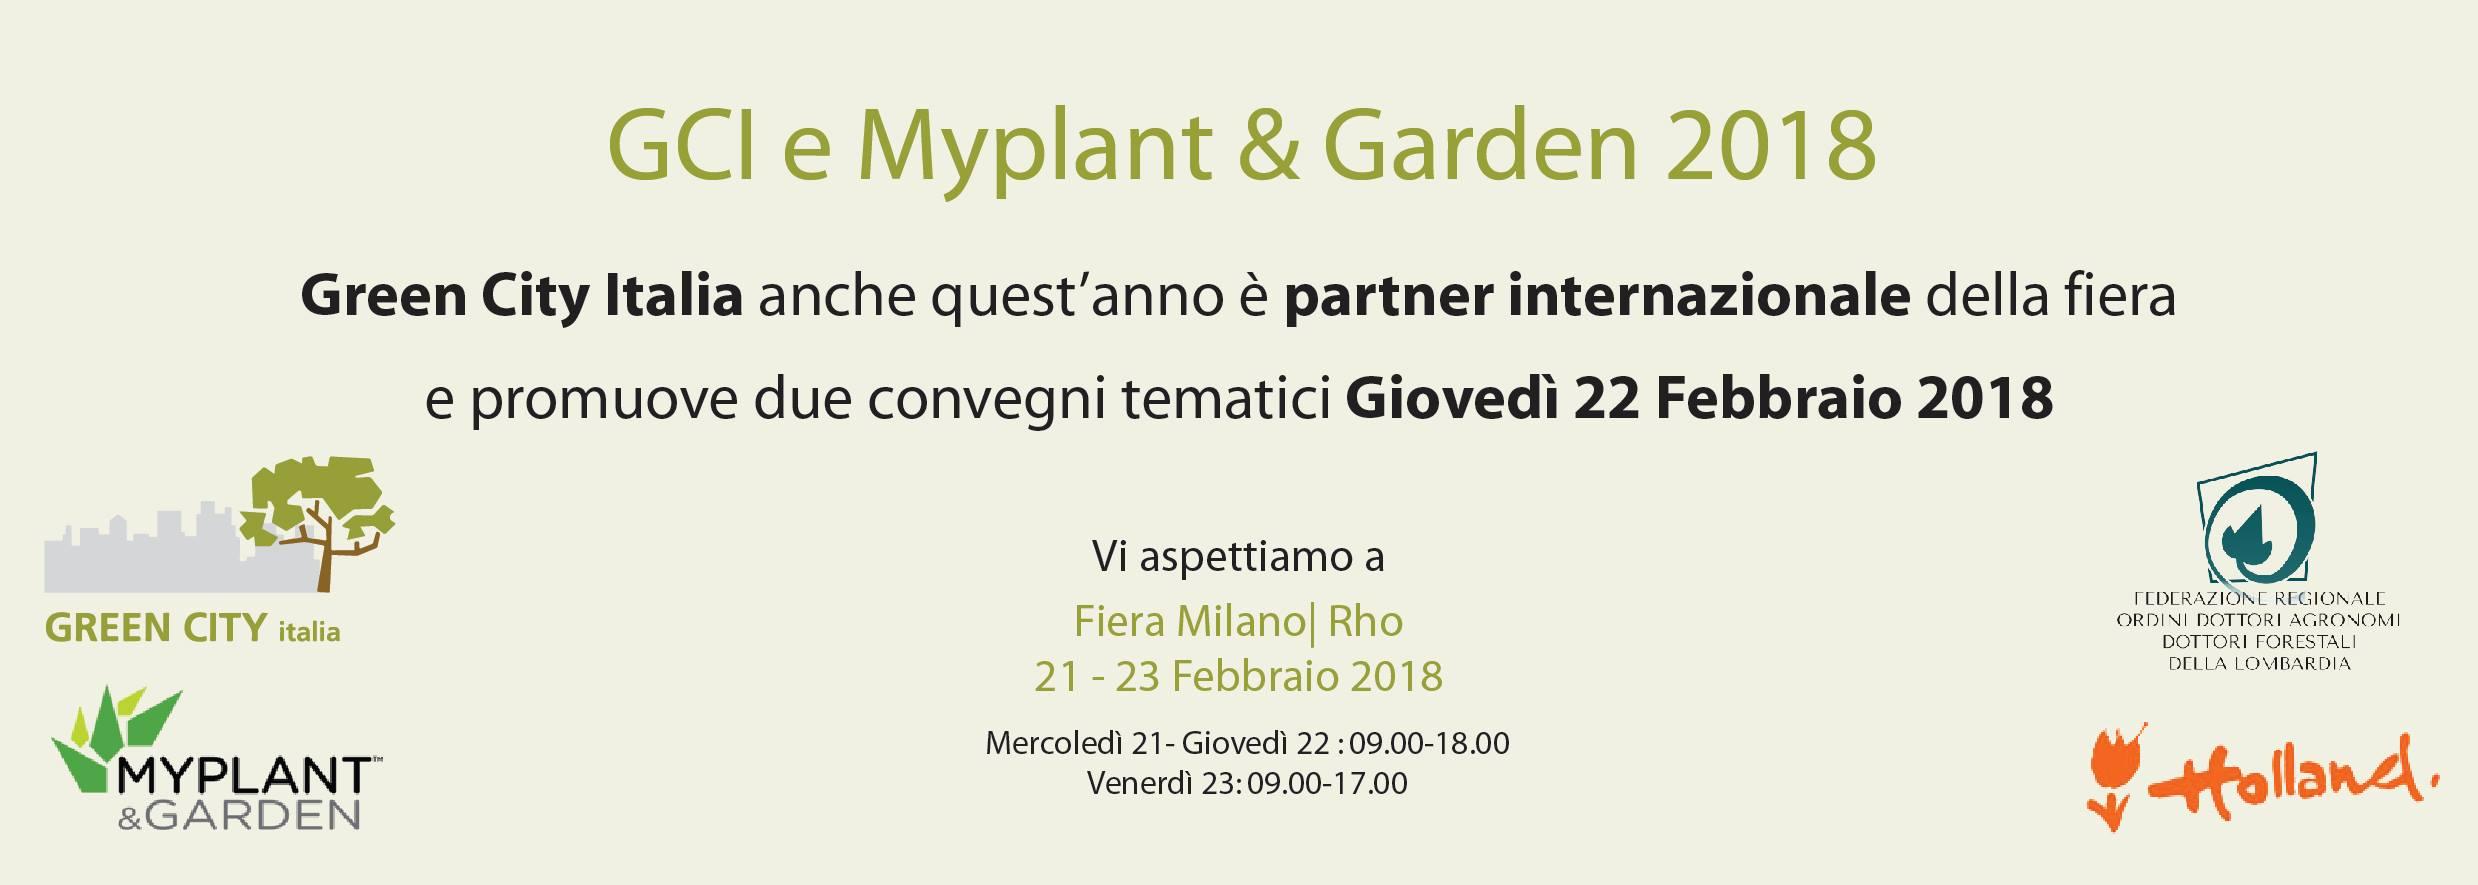 green city italia land